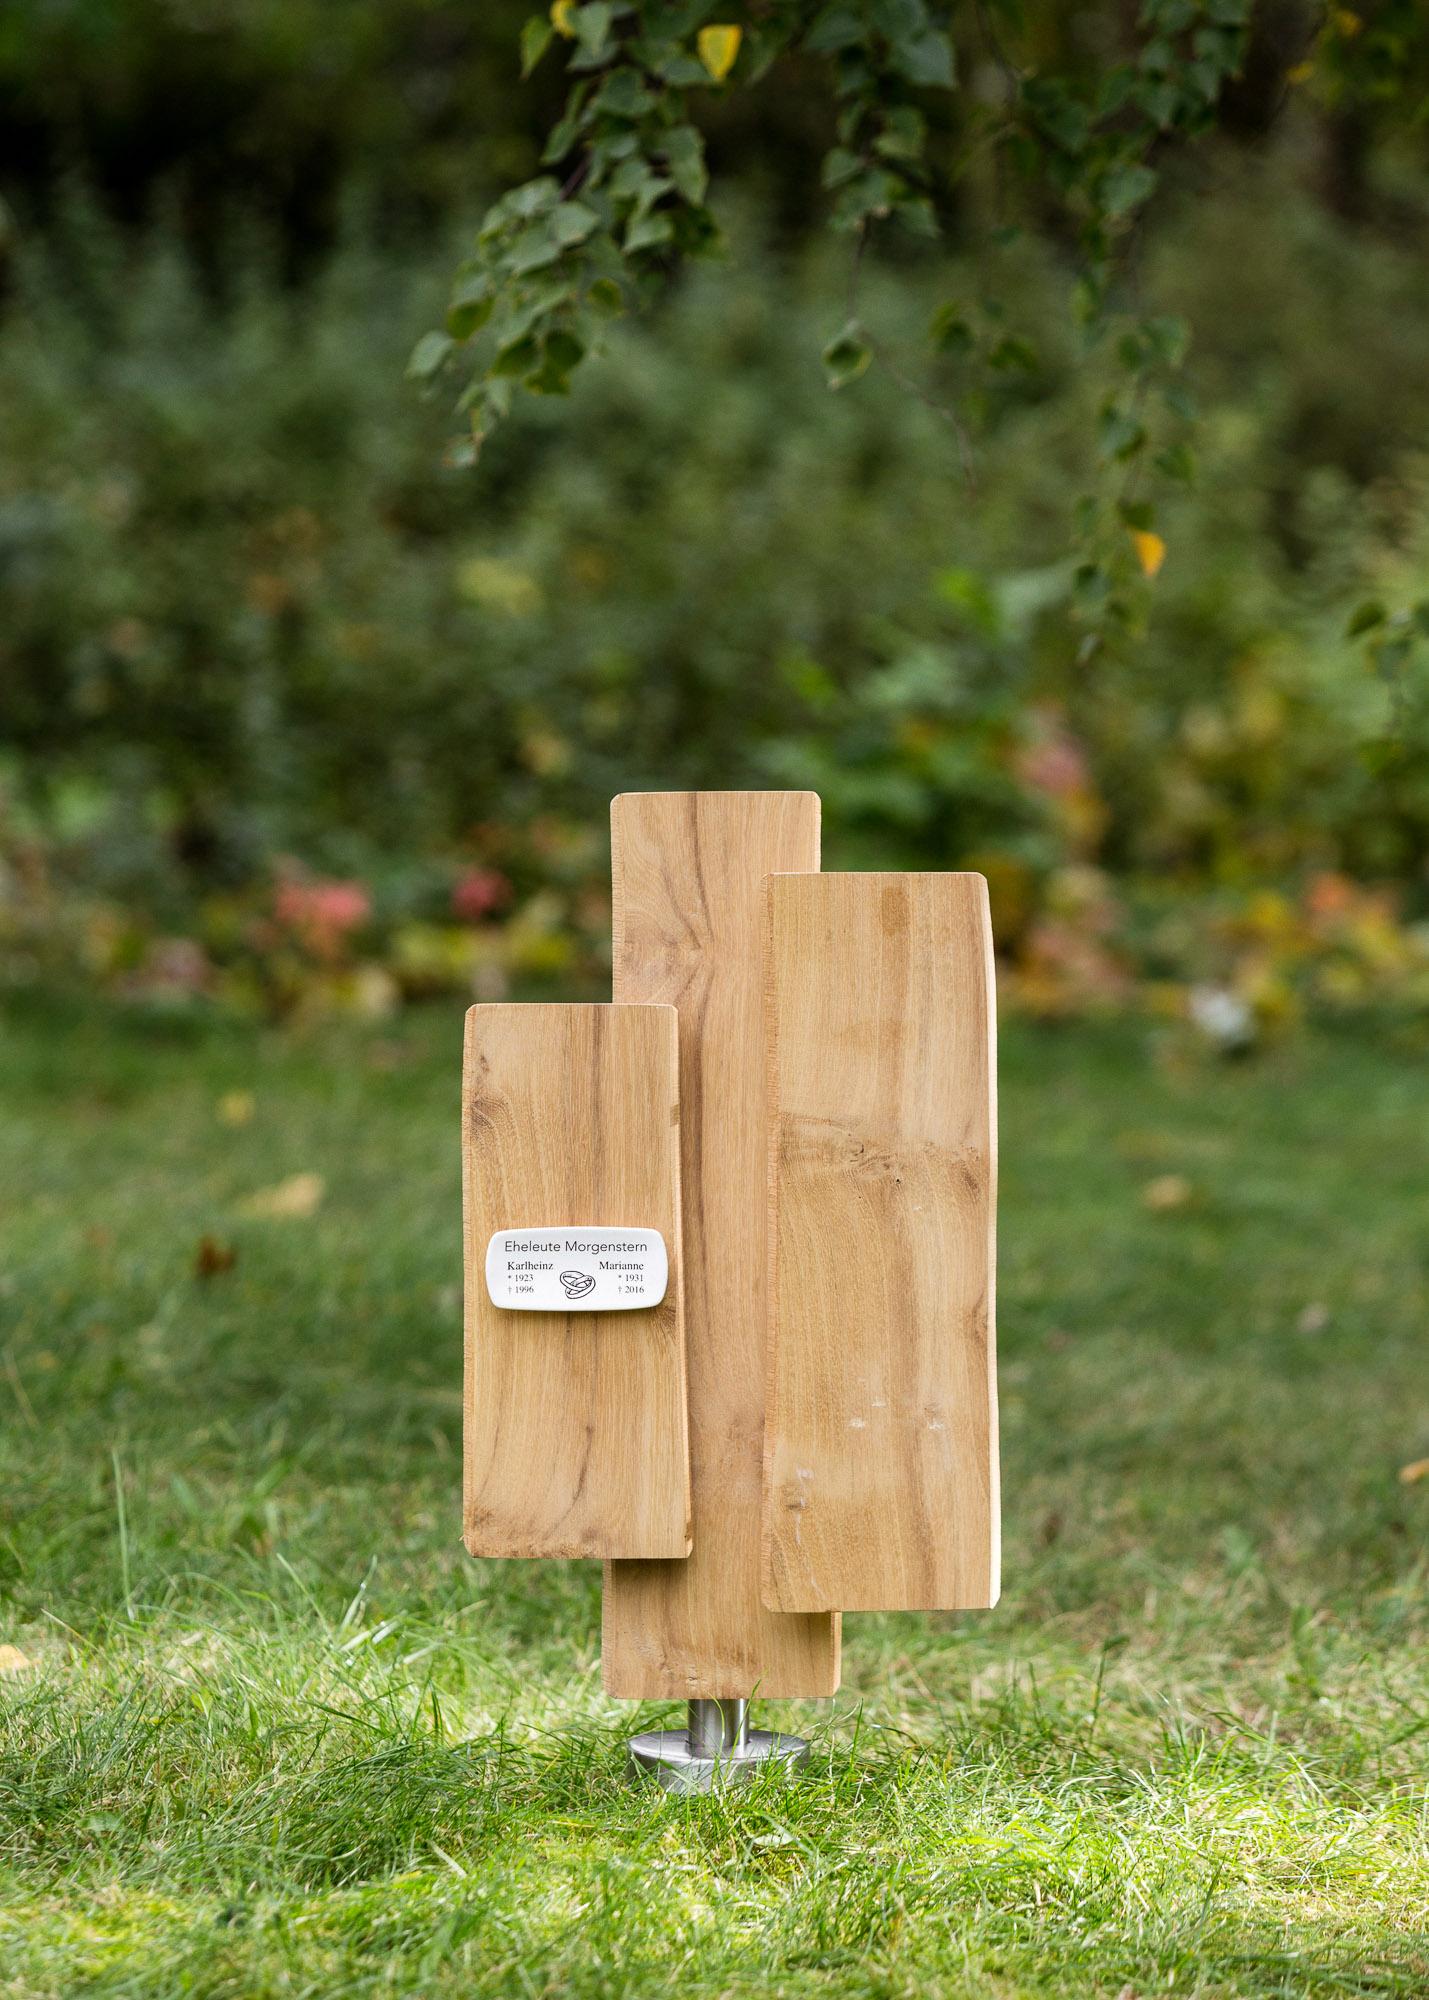 Eheleute-Grabmal aus geschichteten Naturholz-Lamellen mit vorgesetztem Emaille-Grabschild